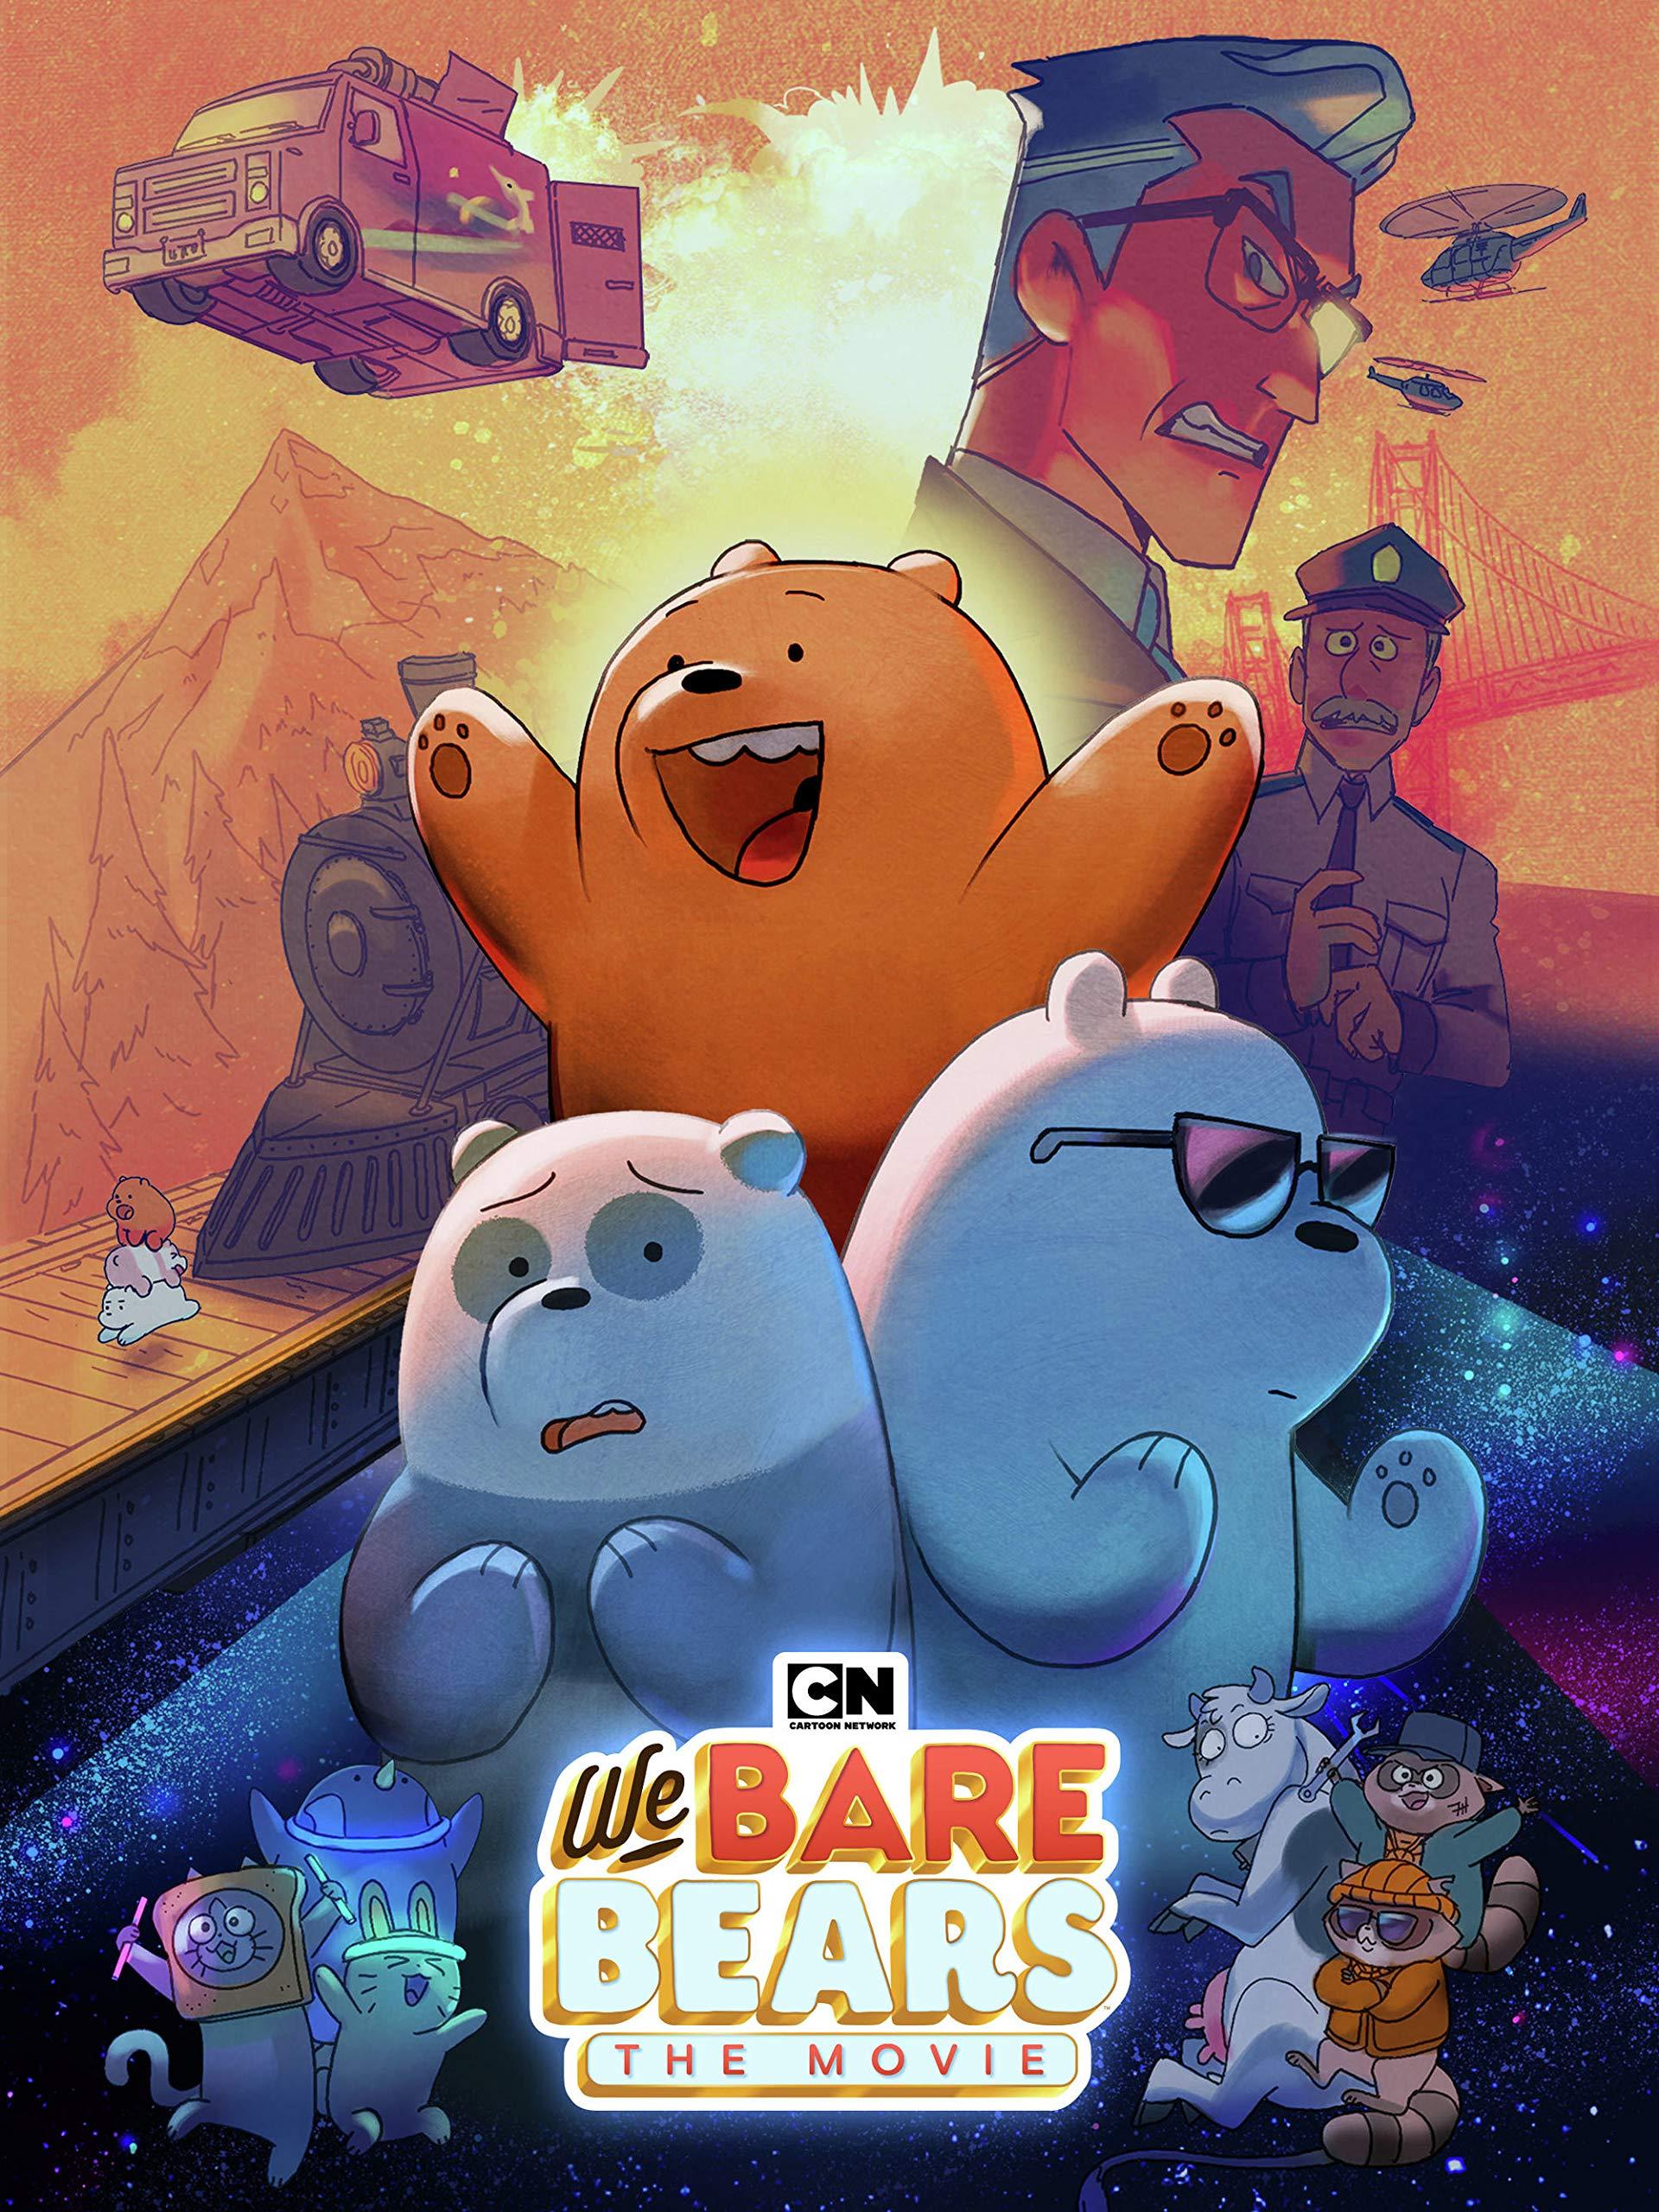 Cartoon Network We Bare Bears Movie Dvd Buy Online In Japan At Desertcart Jp Productid 222827074